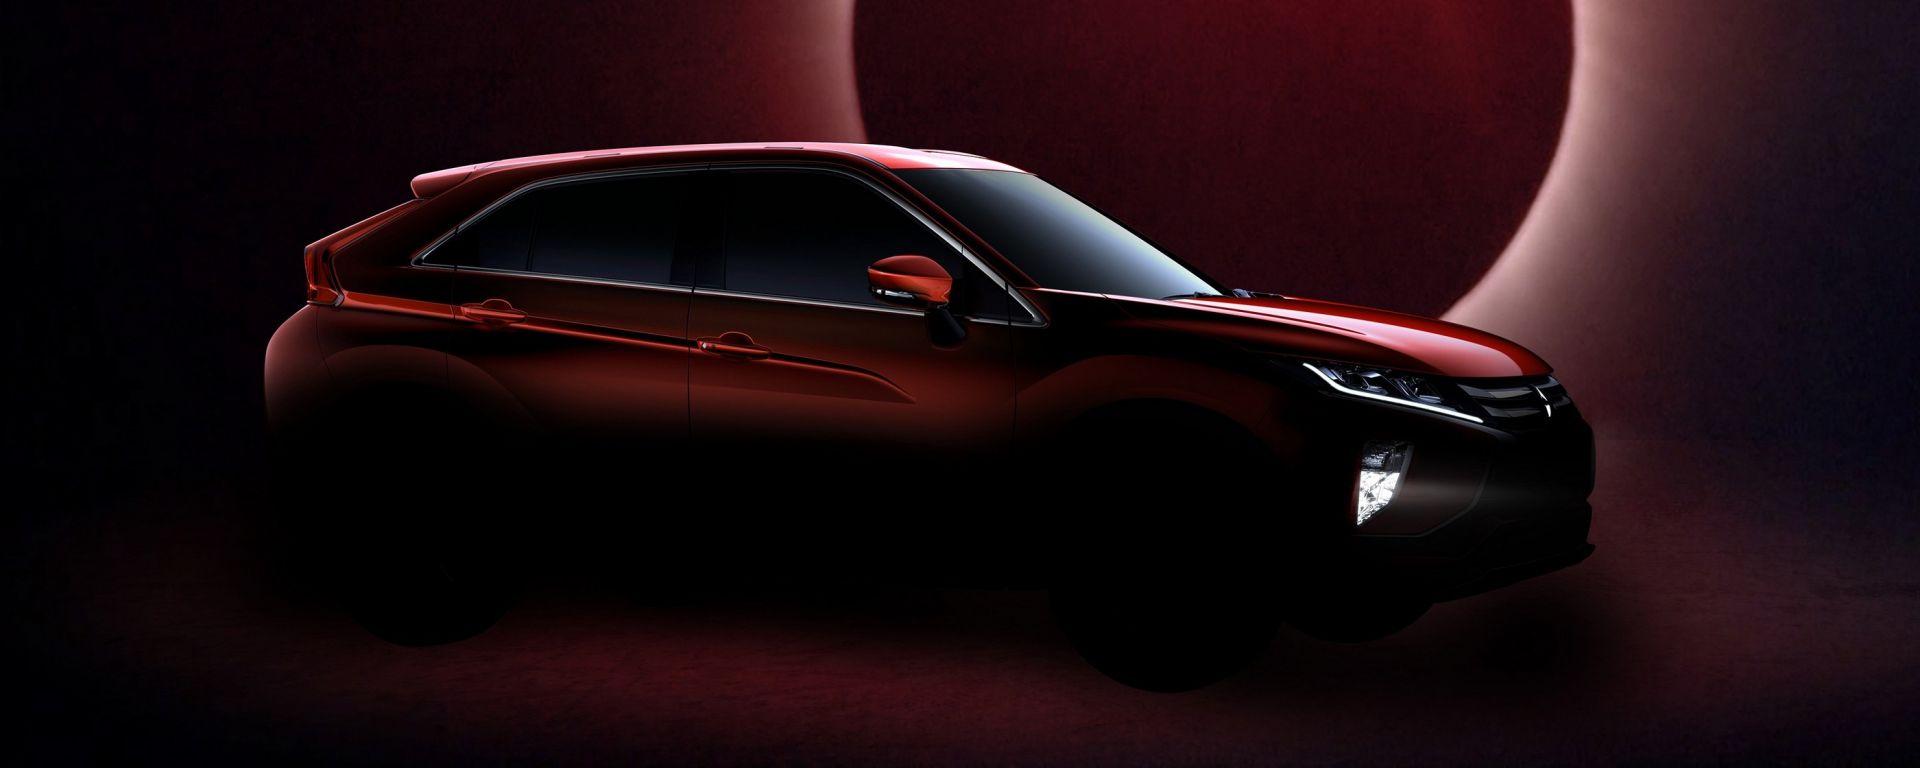 Mitsubishi Eclipse Cross: debutterà a Ginevra il nuovo suv giapponese